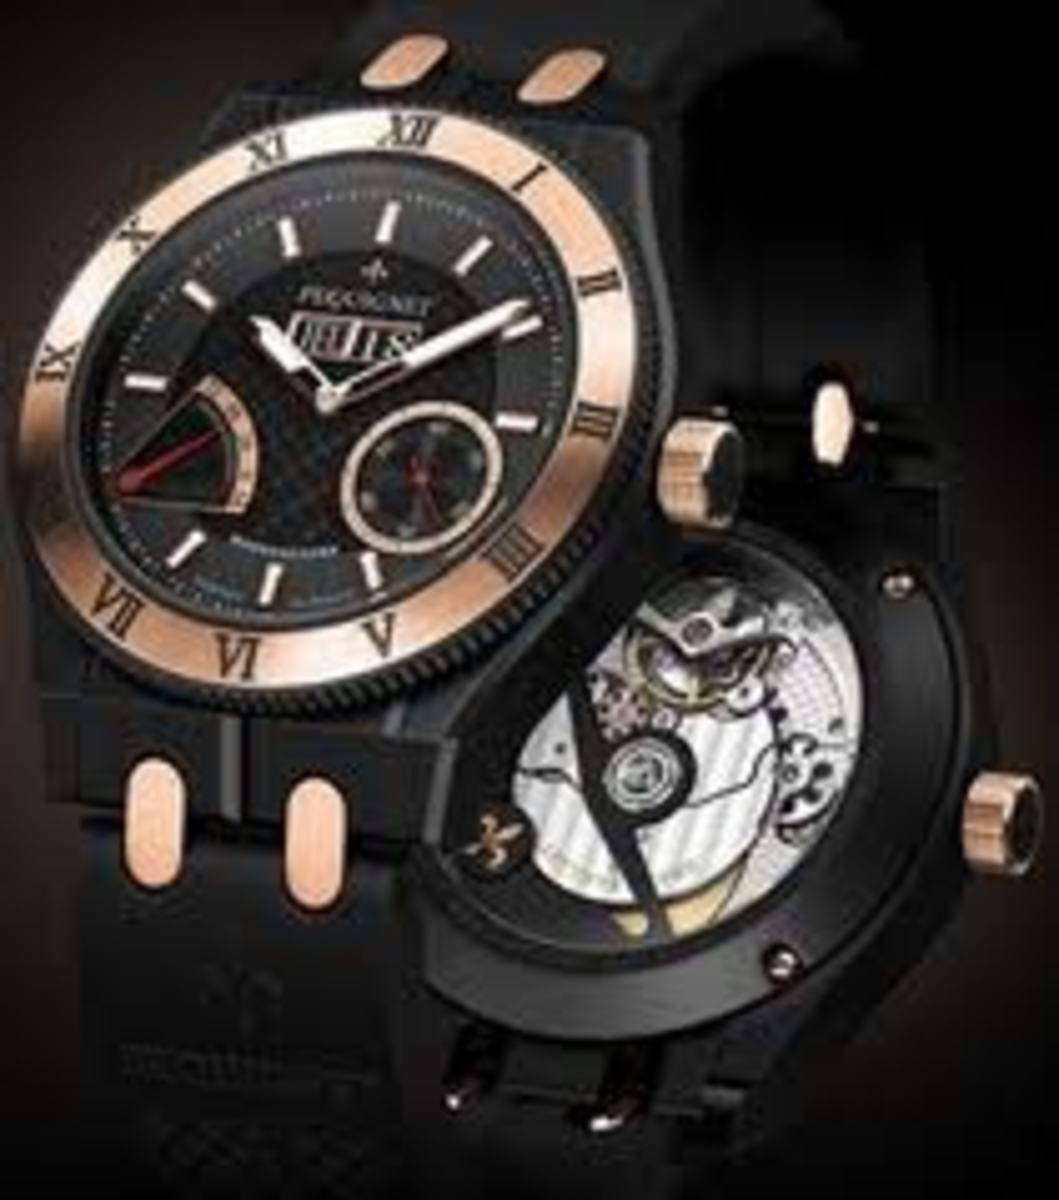 Pequignet watches